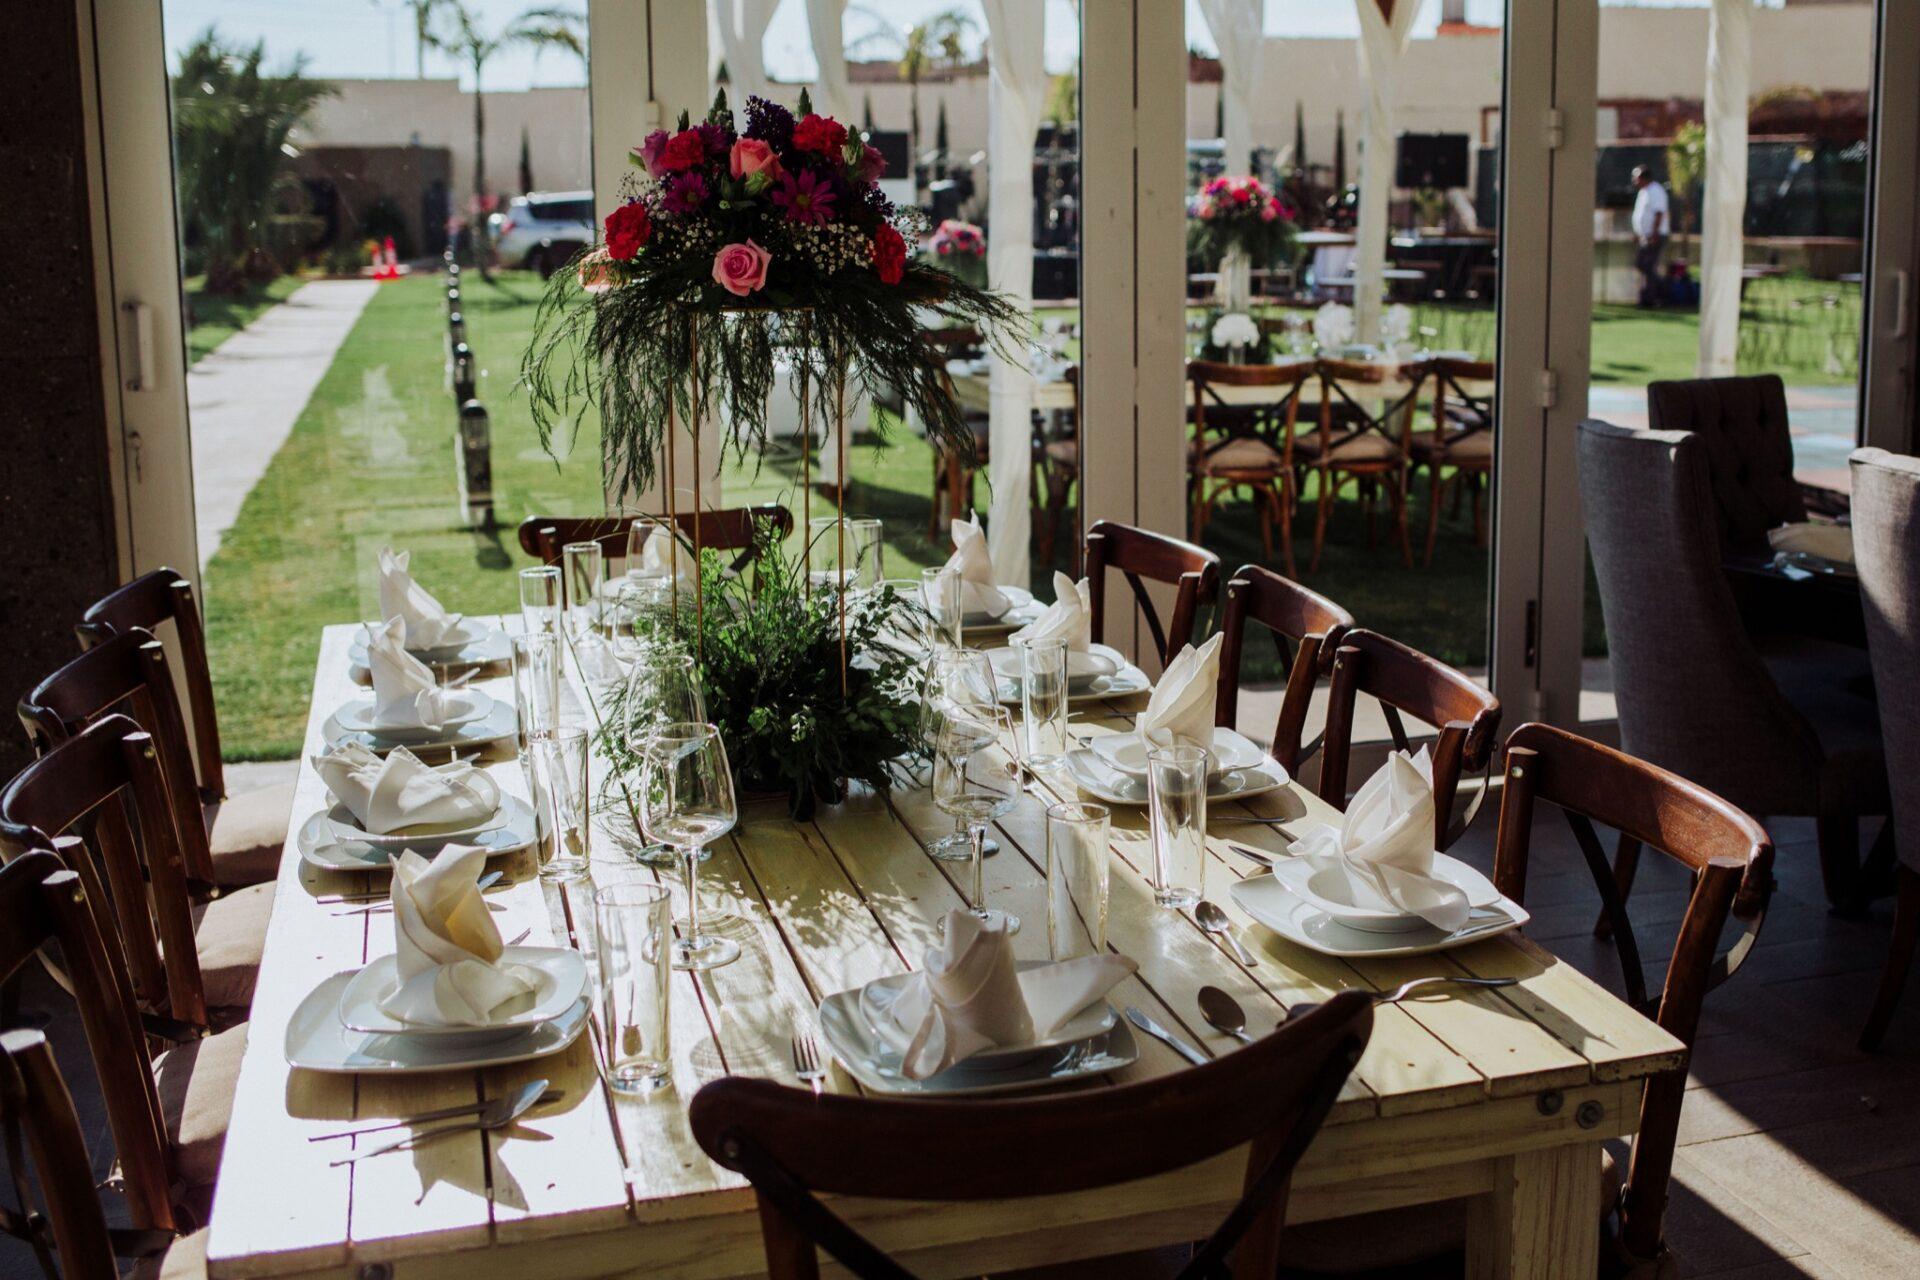 javier_noriega_fotografo_bodas_alicia_garden_zacatecas_wedding_photographer8